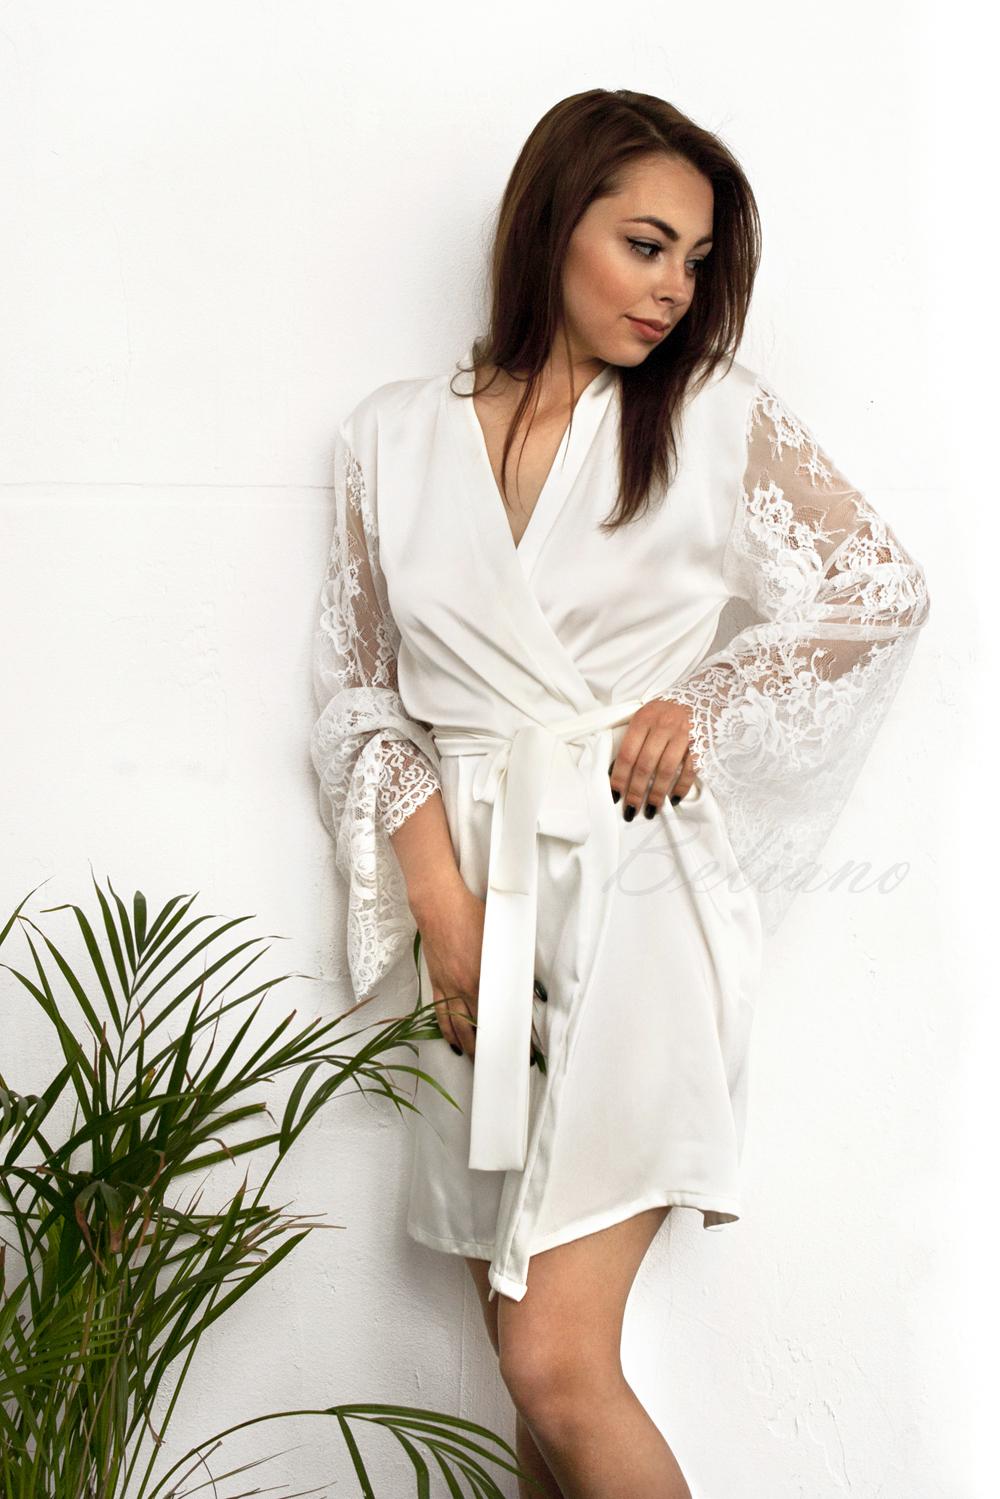 Женский шелковый халат мини (короткий) кремового цвета с кружевными рукавами